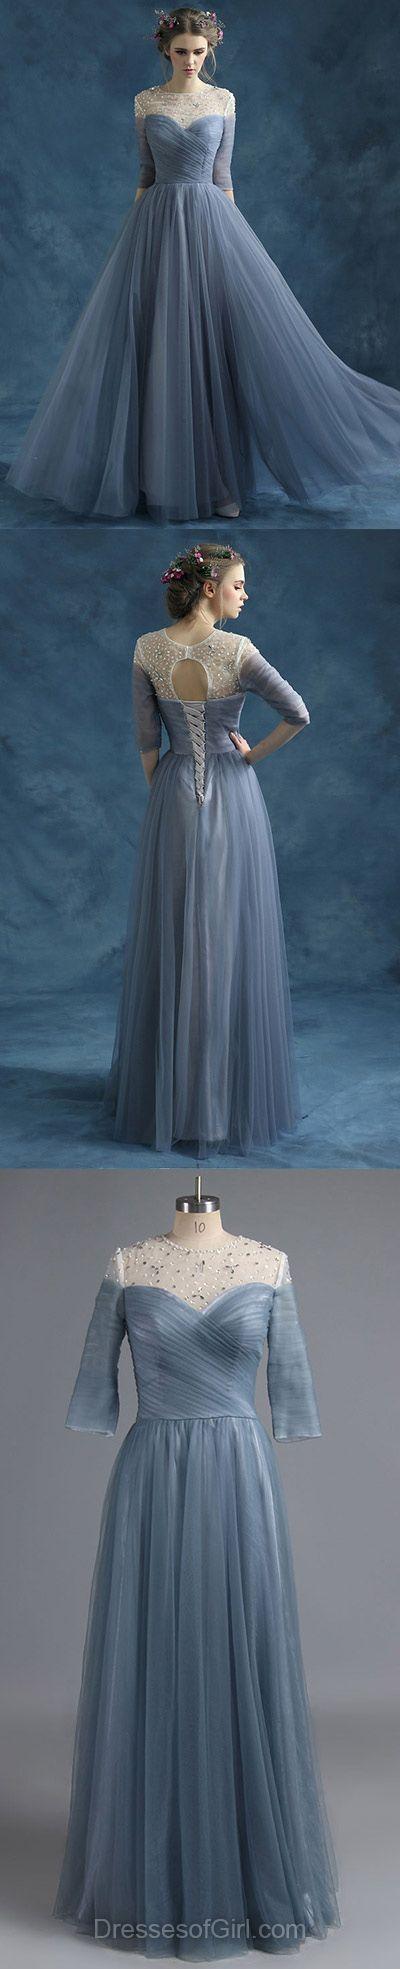 Scoop Neck Tulle Beading Floor-length 3/4 Sleeve Designer Prom Dress